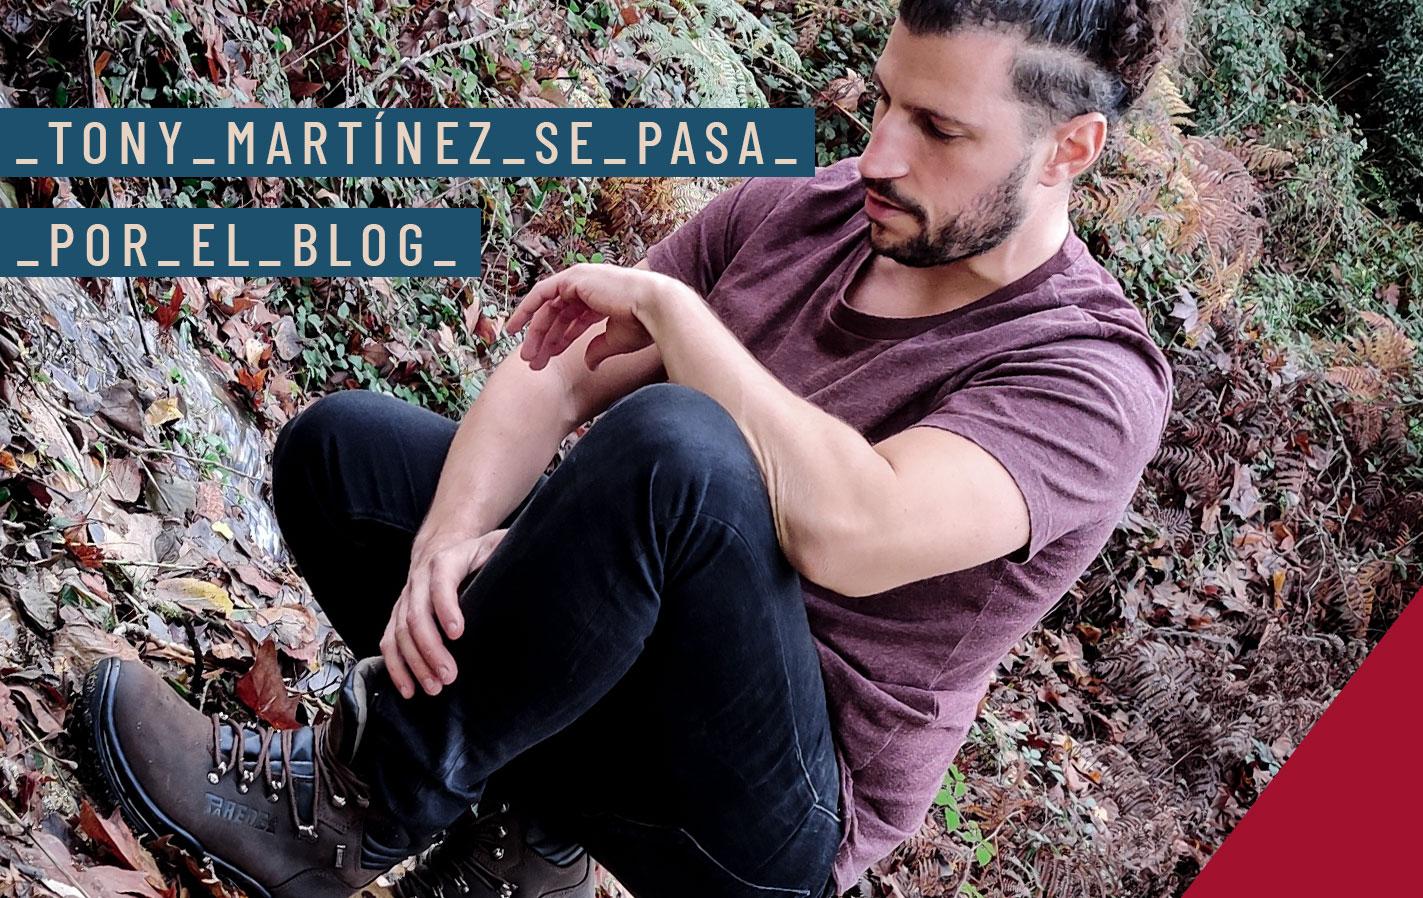 Tony Martínez se pasa por el Blog de Paredes